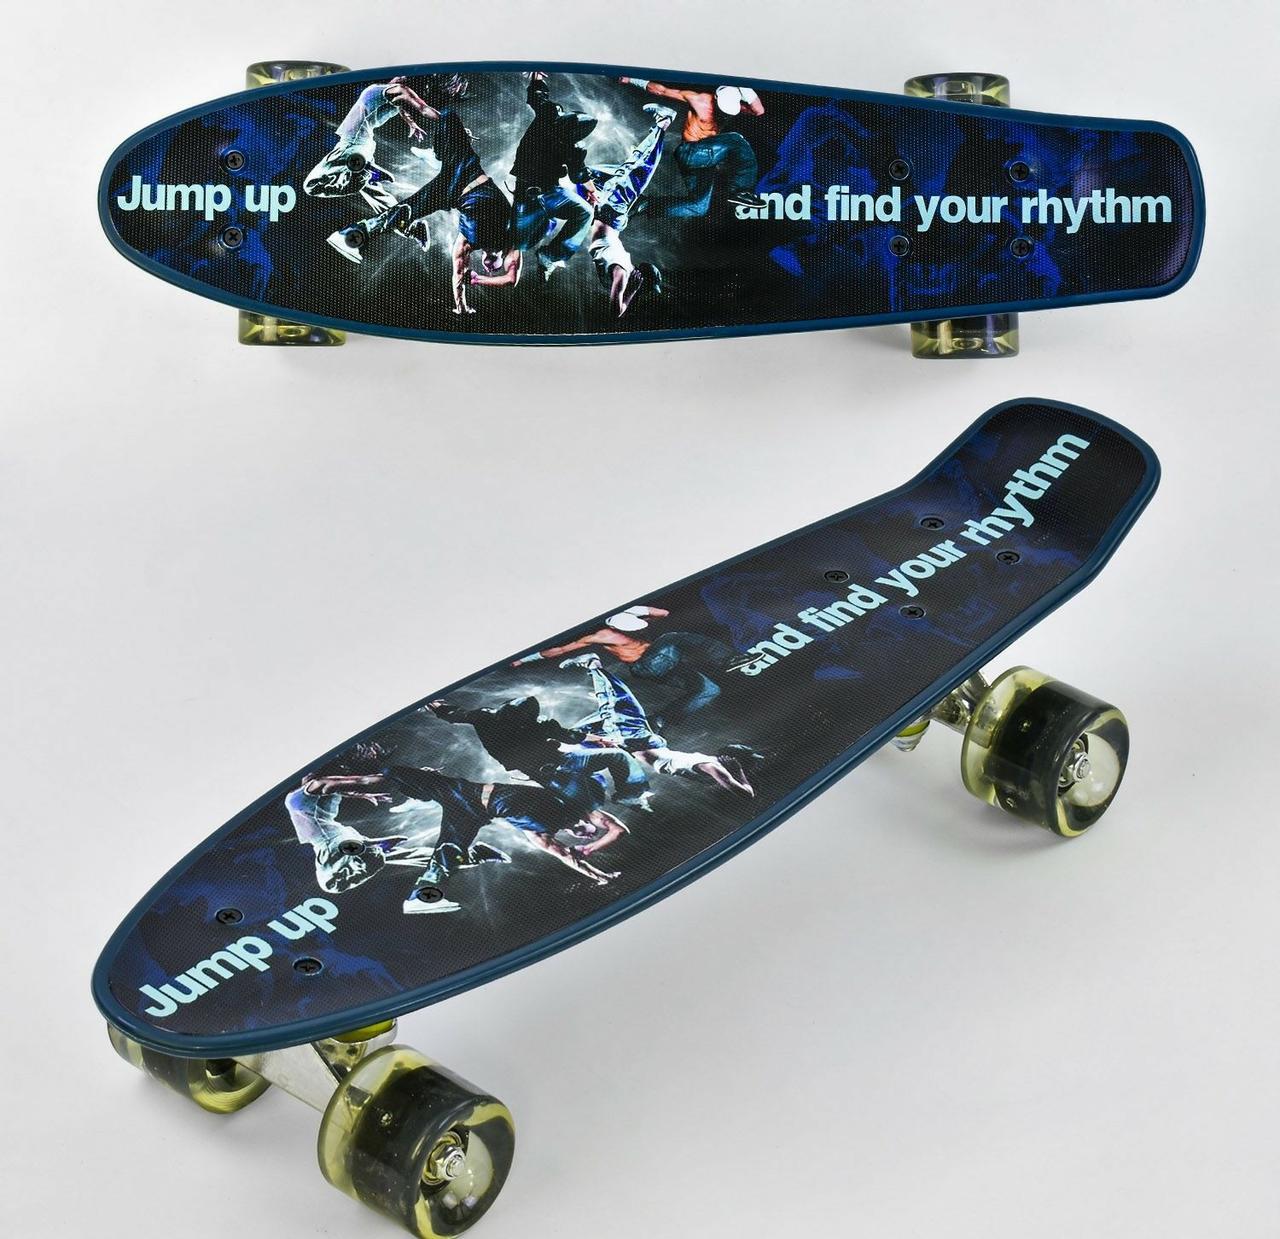 Скейт Best Board Р 13780 пенні борд з малюнком дошка 55 см, колеса PU, світяться темно синій